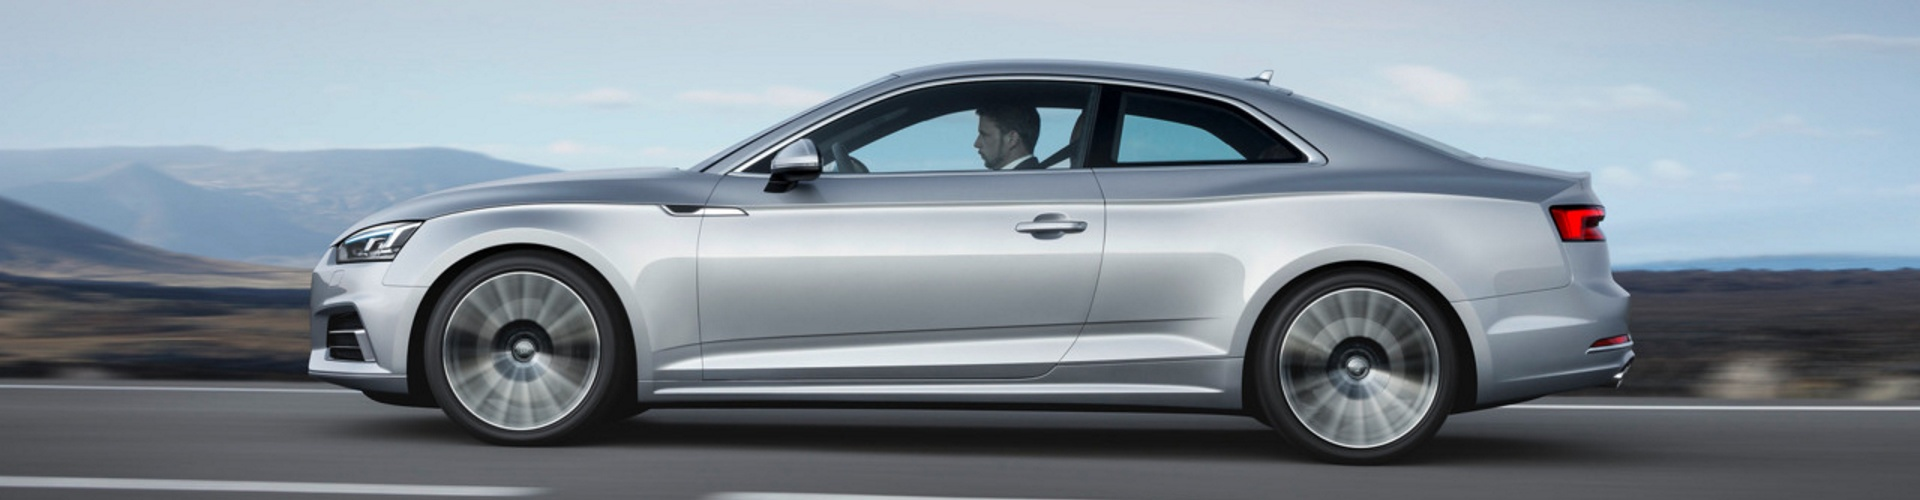 Машина на прокат Audi A5 от 60 ye